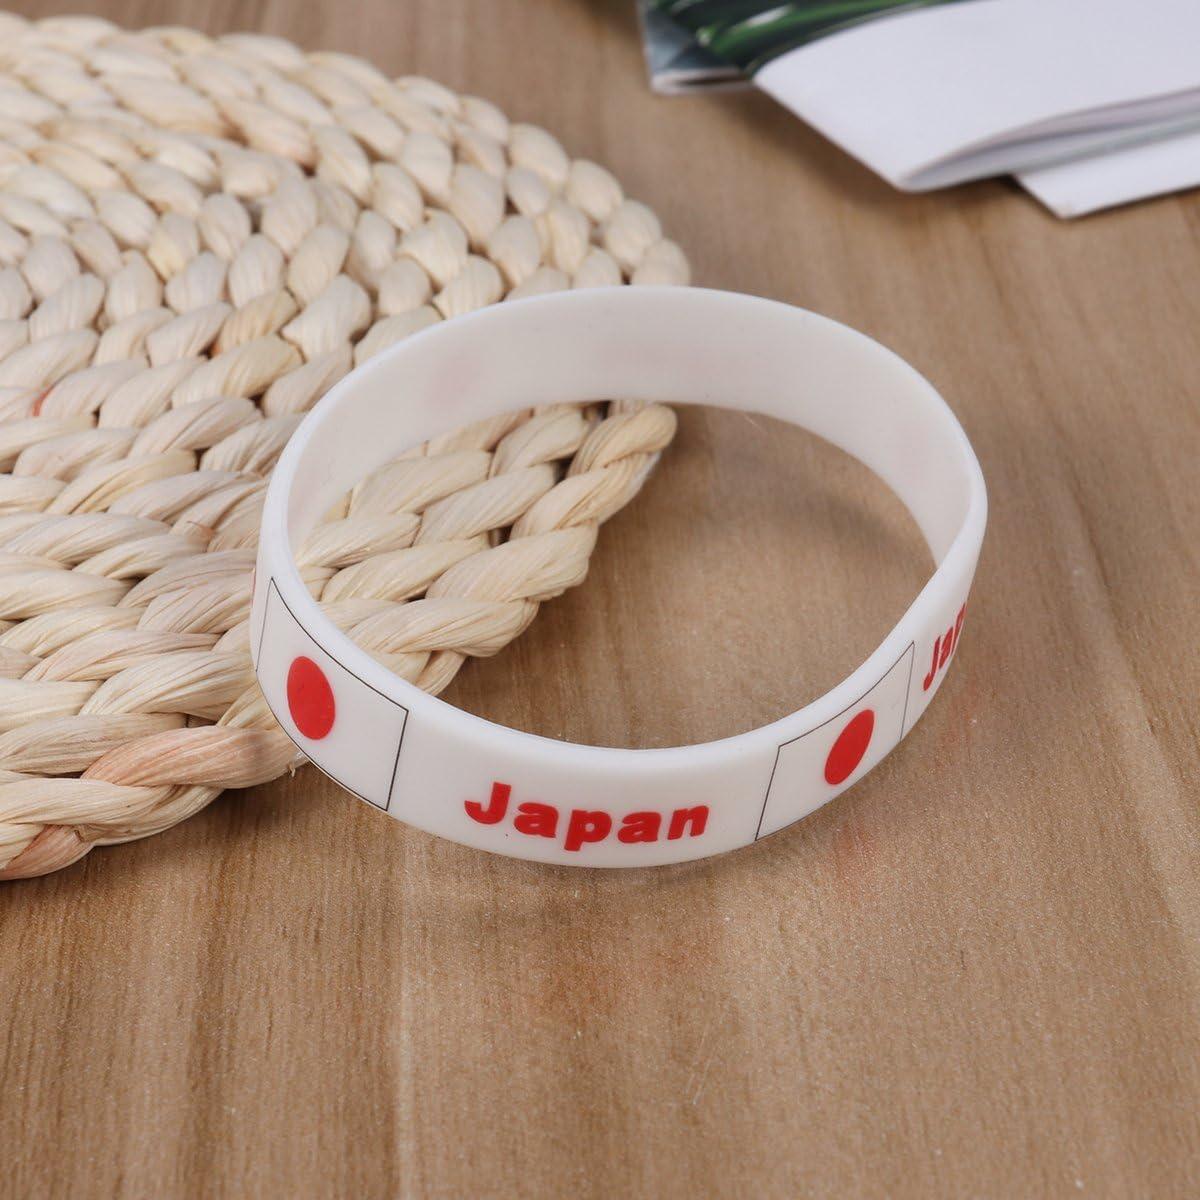 LUOEM 6Pcs Pulseras Bandera Silicona de Nacional Pulseras Bandera Japón 2018 Copa Mundial Futbol FIFA Japan: Amazon.es: Juguetes y juegos